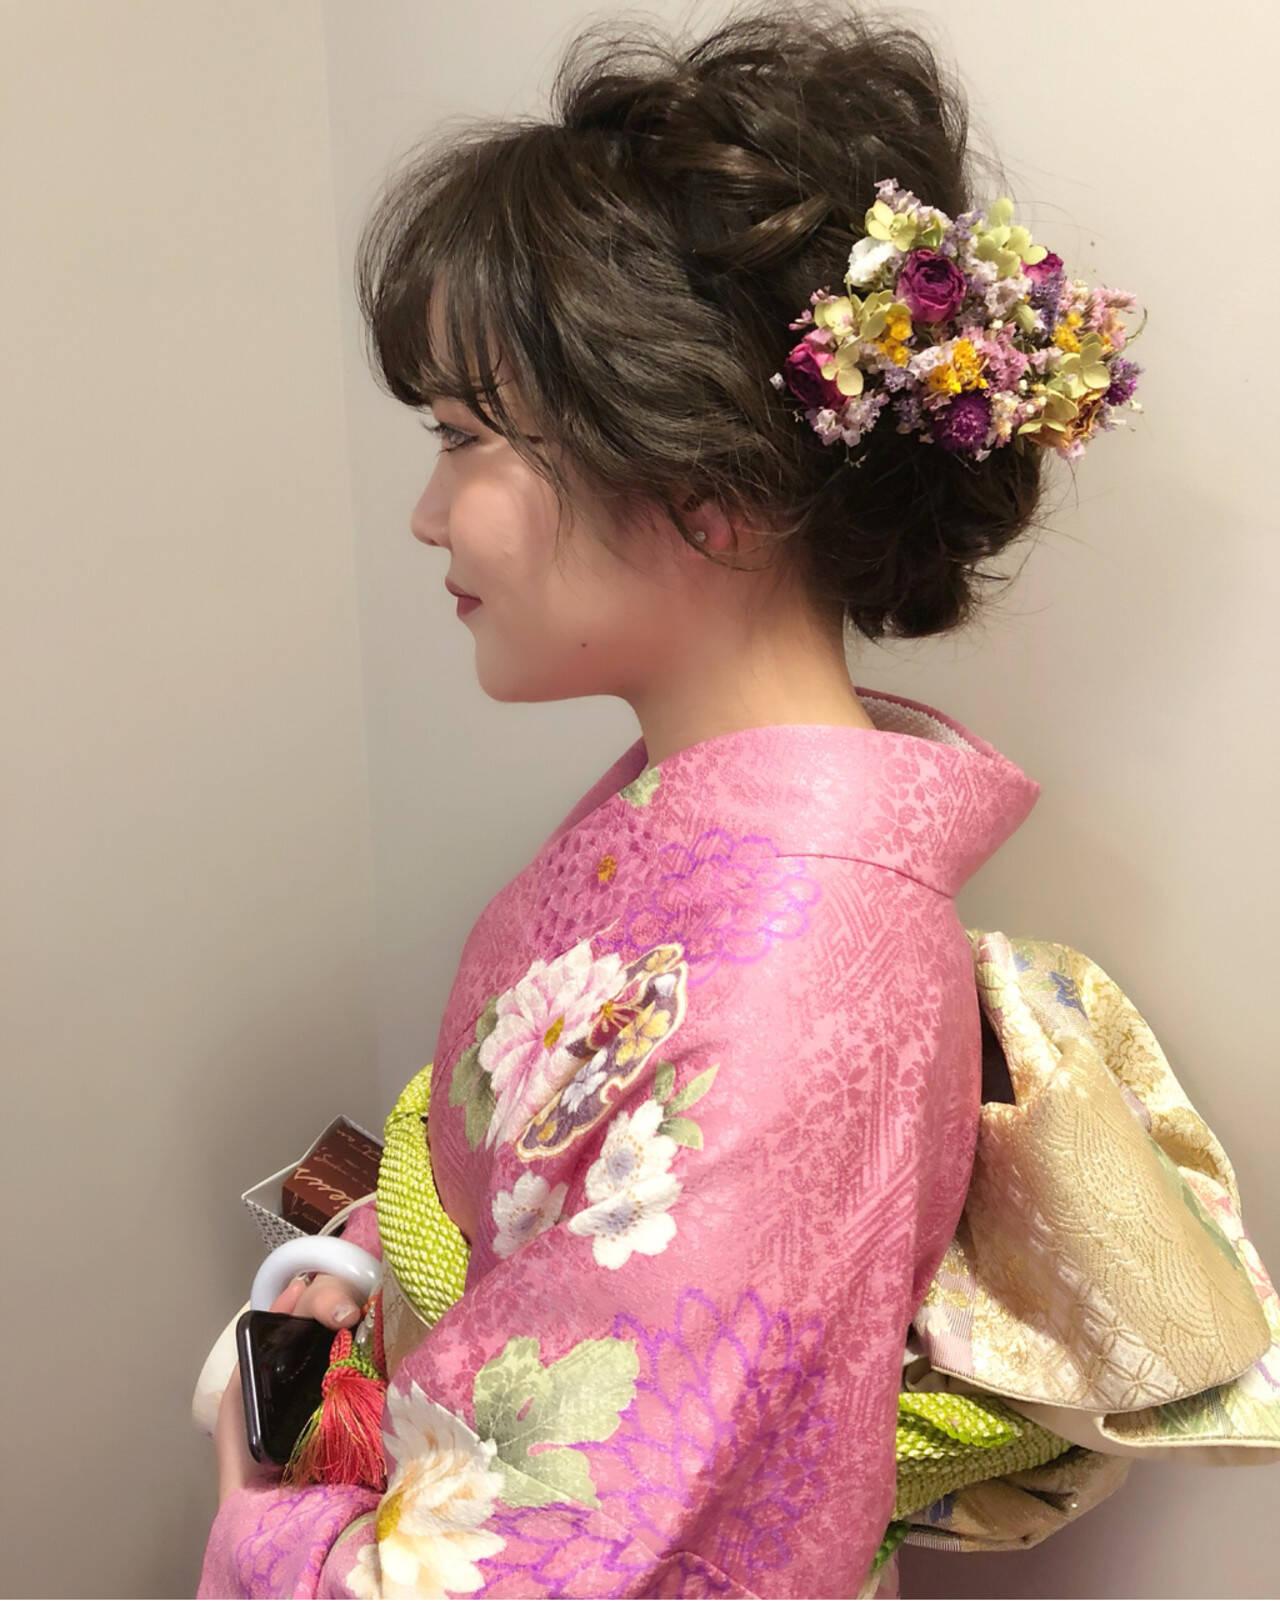 アップスタイル 振袖 結婚式 謝恩会ヘアスタイルや髪型の写真・画像